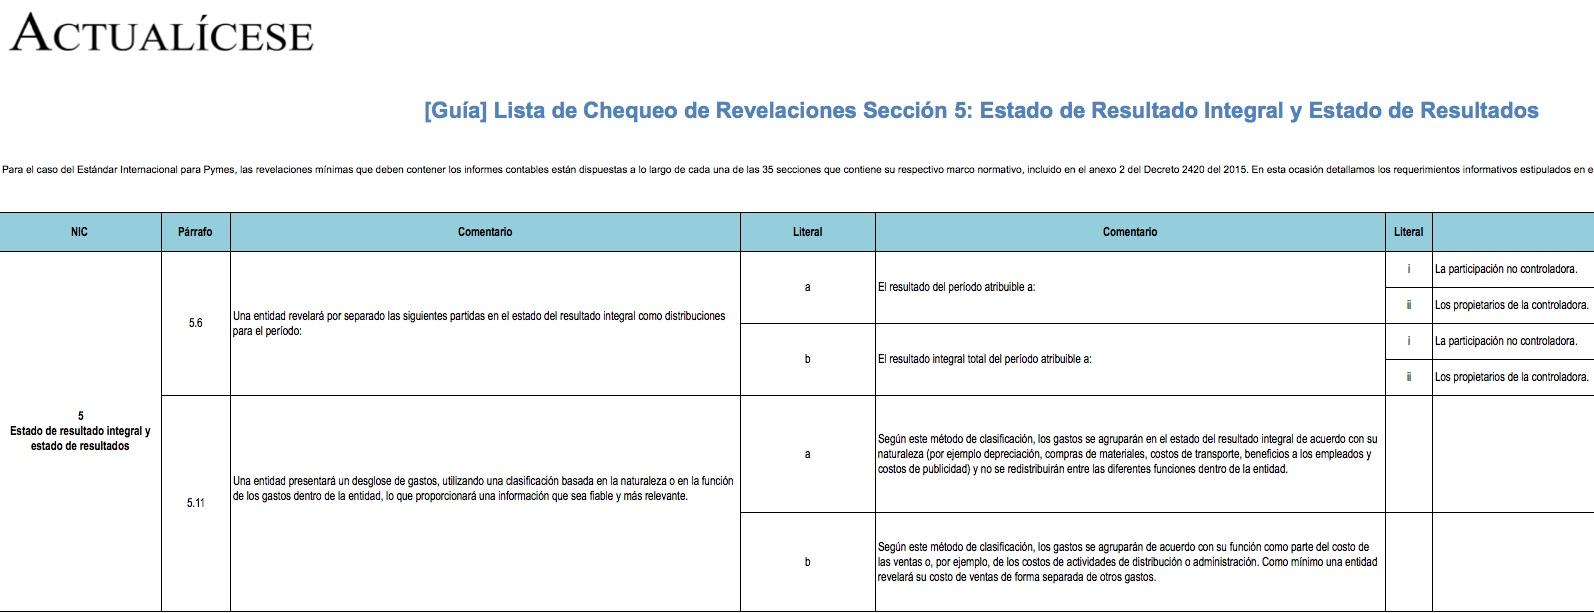 [Guía] Lista de Chequeo de Revelaciones Sección 5: Estado de Resultado Integral y Estado de Resultados